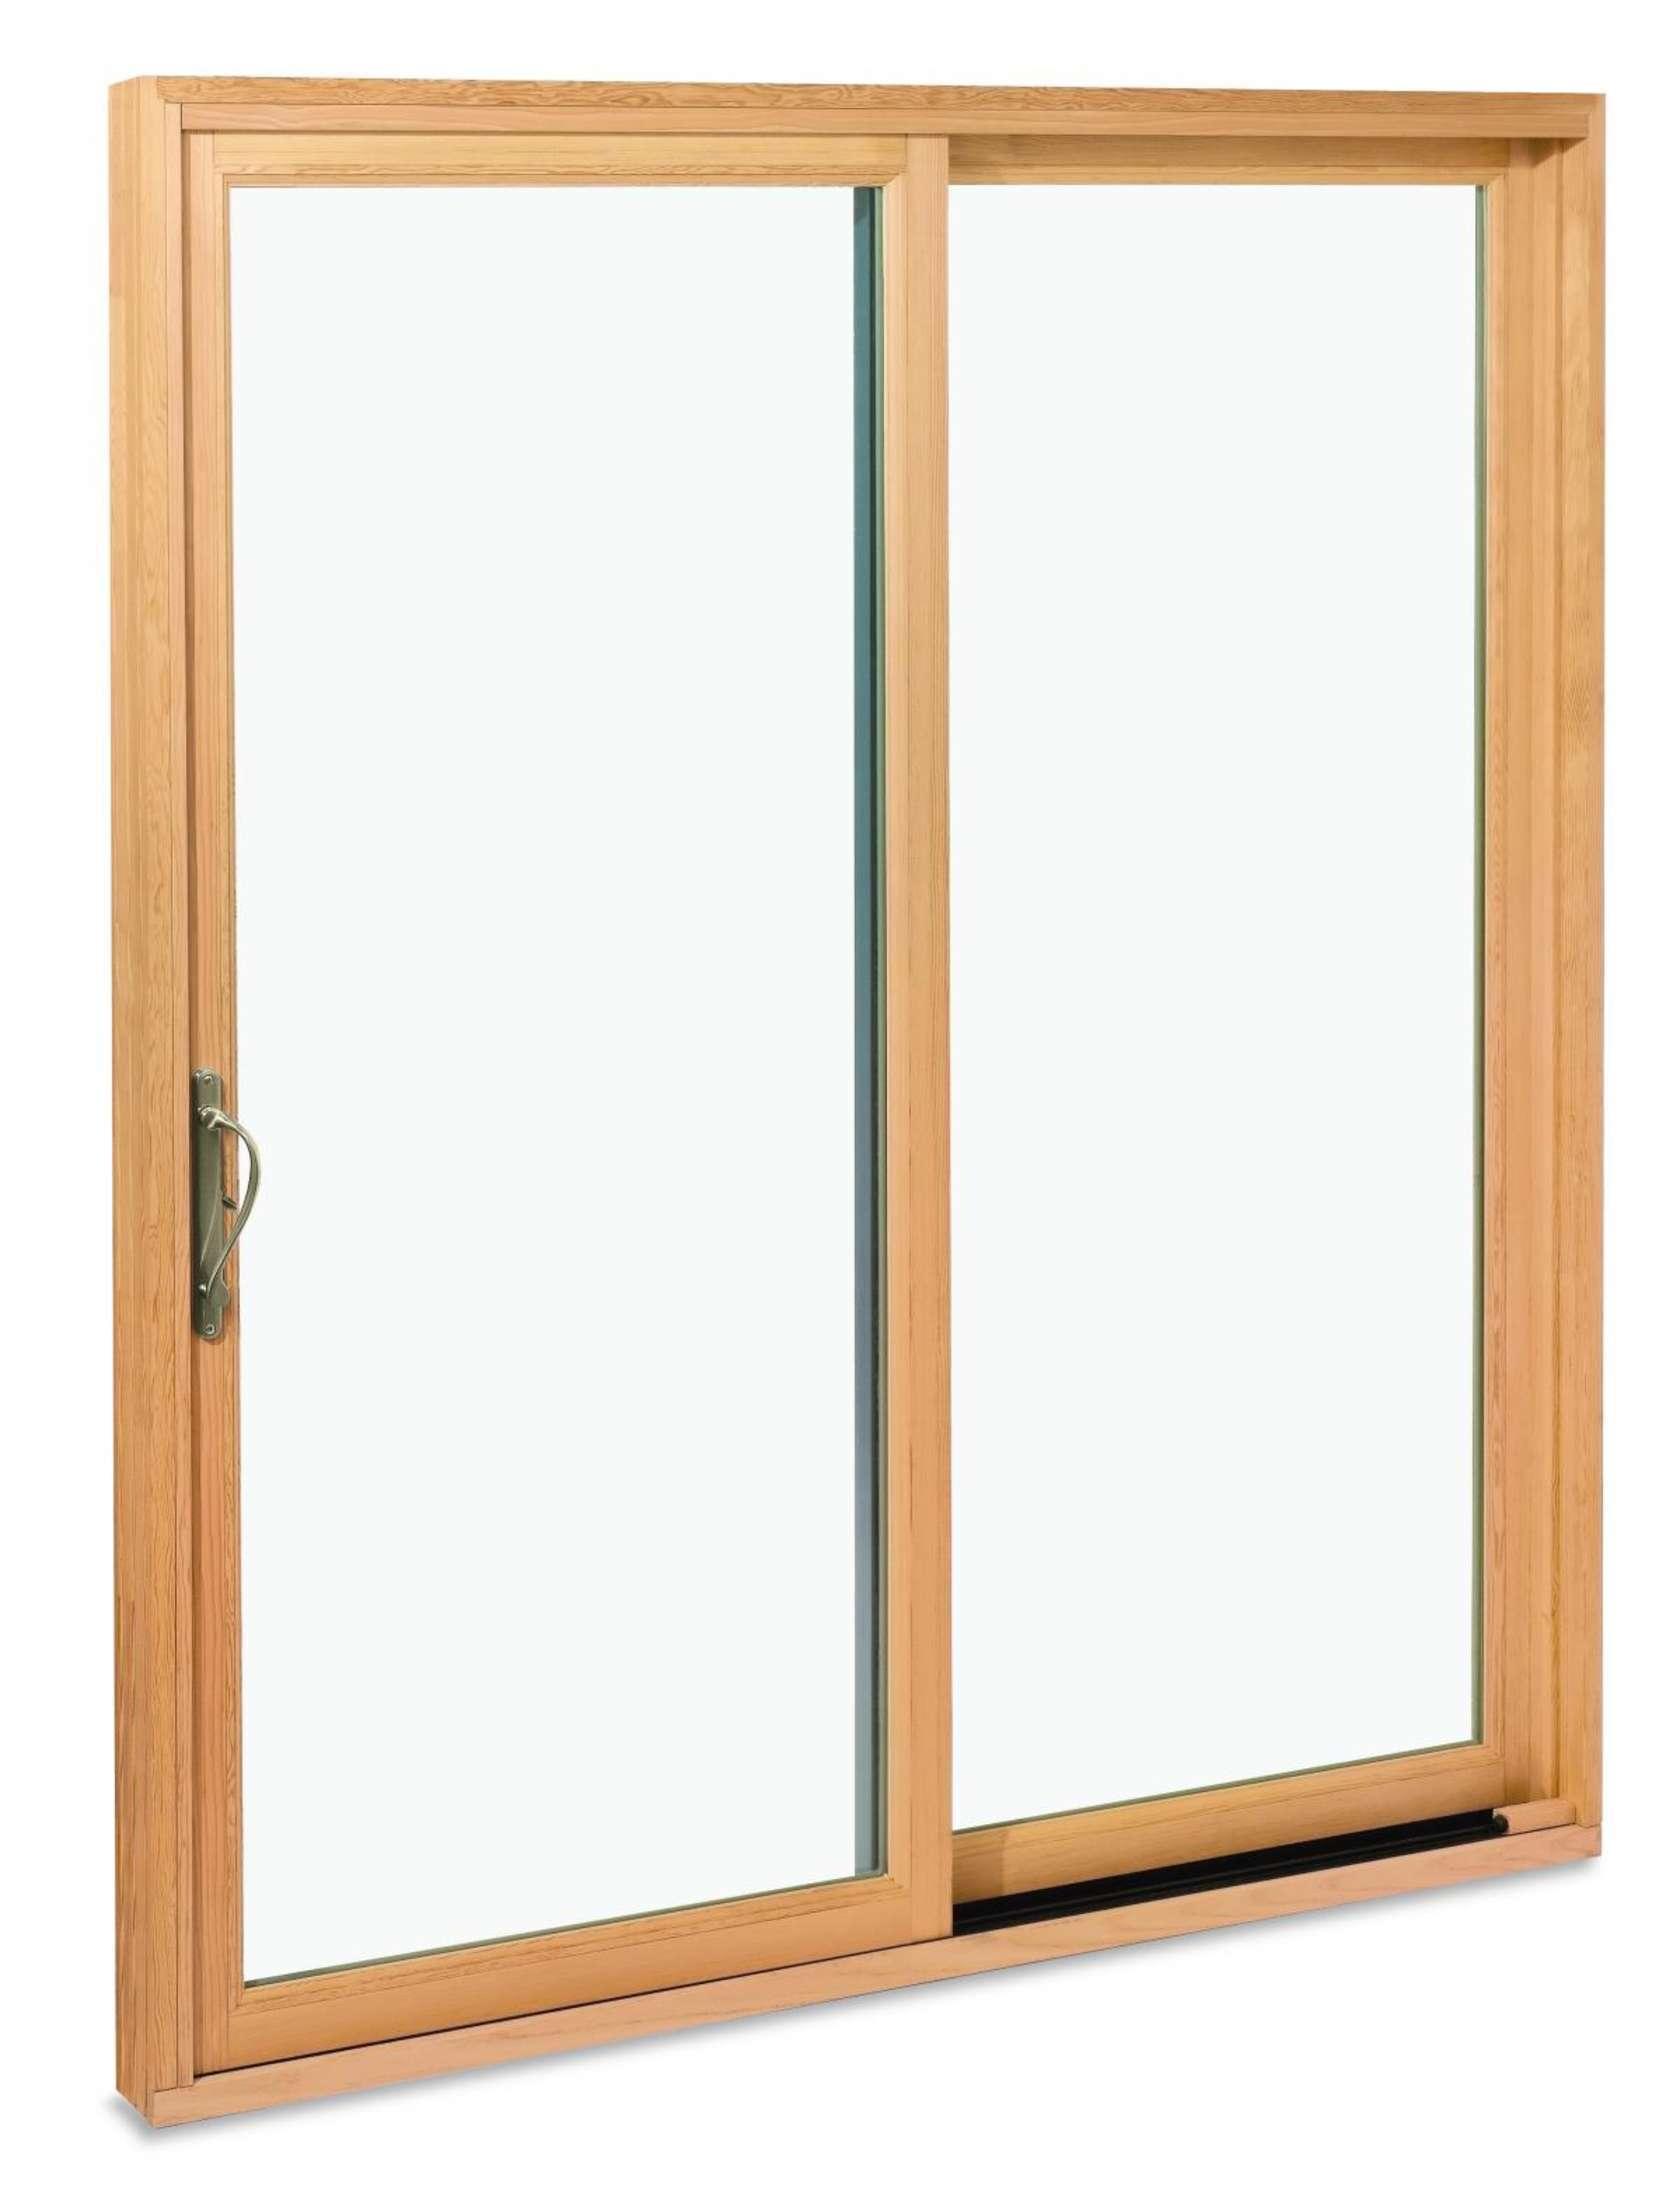 Marvin sliding patio door architizer for Marvin screen doors